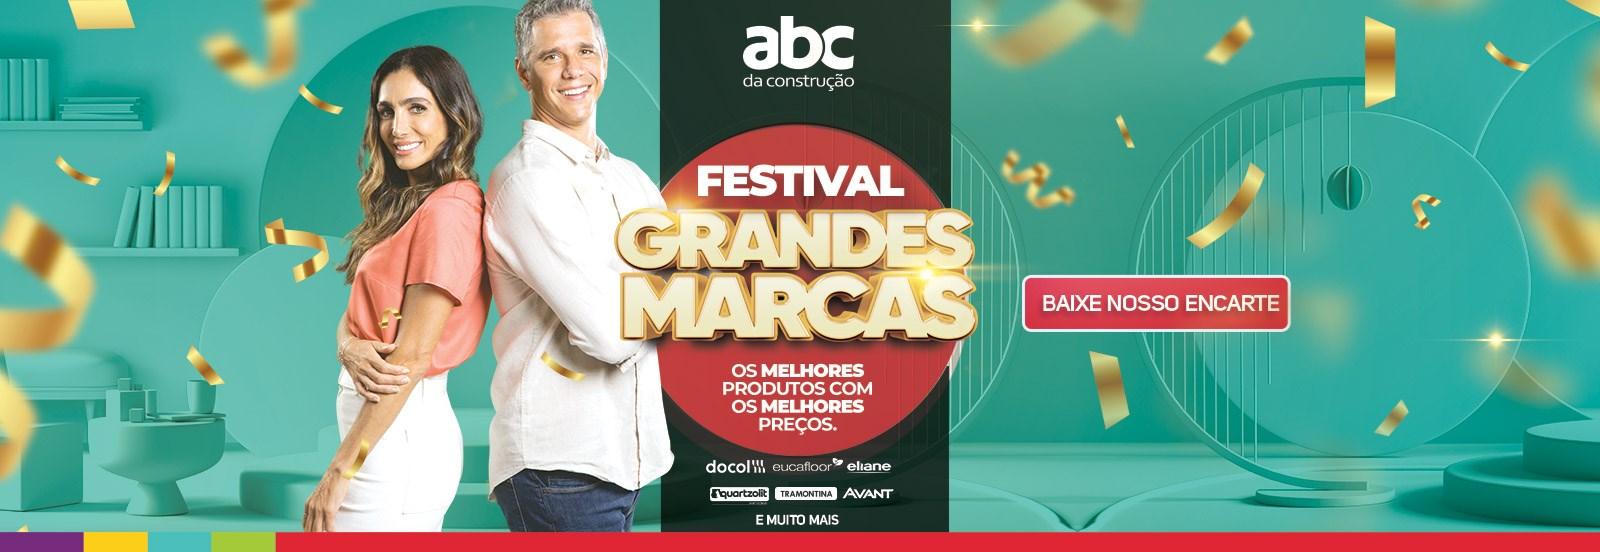 Festival de grandes marcas